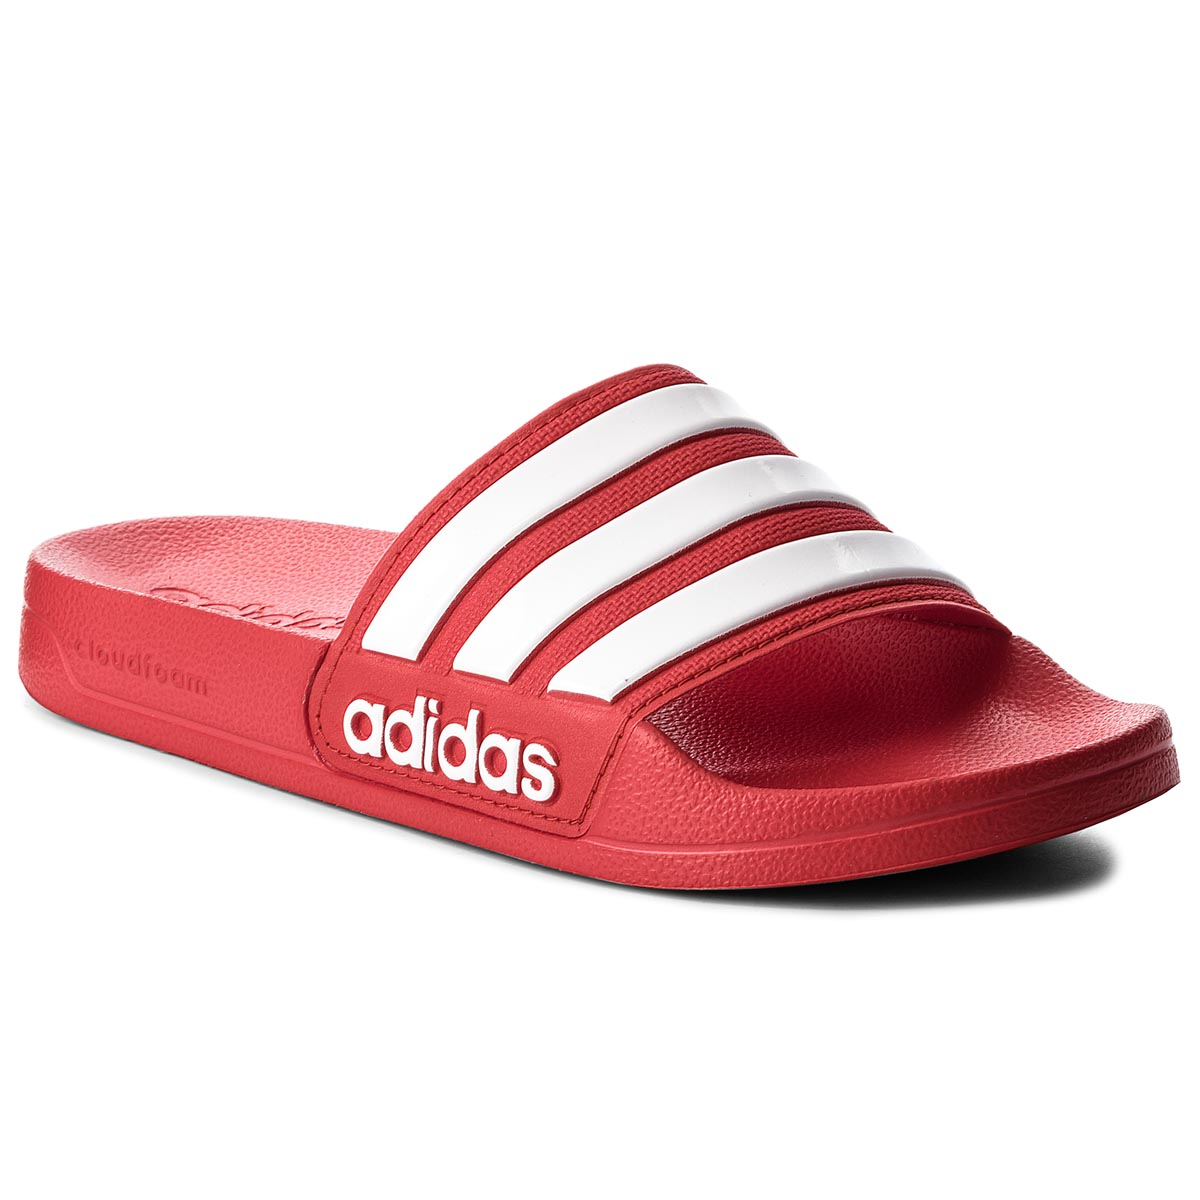 Šľapky adidas - adilette Shower AQ1705 Scarle Ftwwht Scarle - Glami.sk 51fb0386586